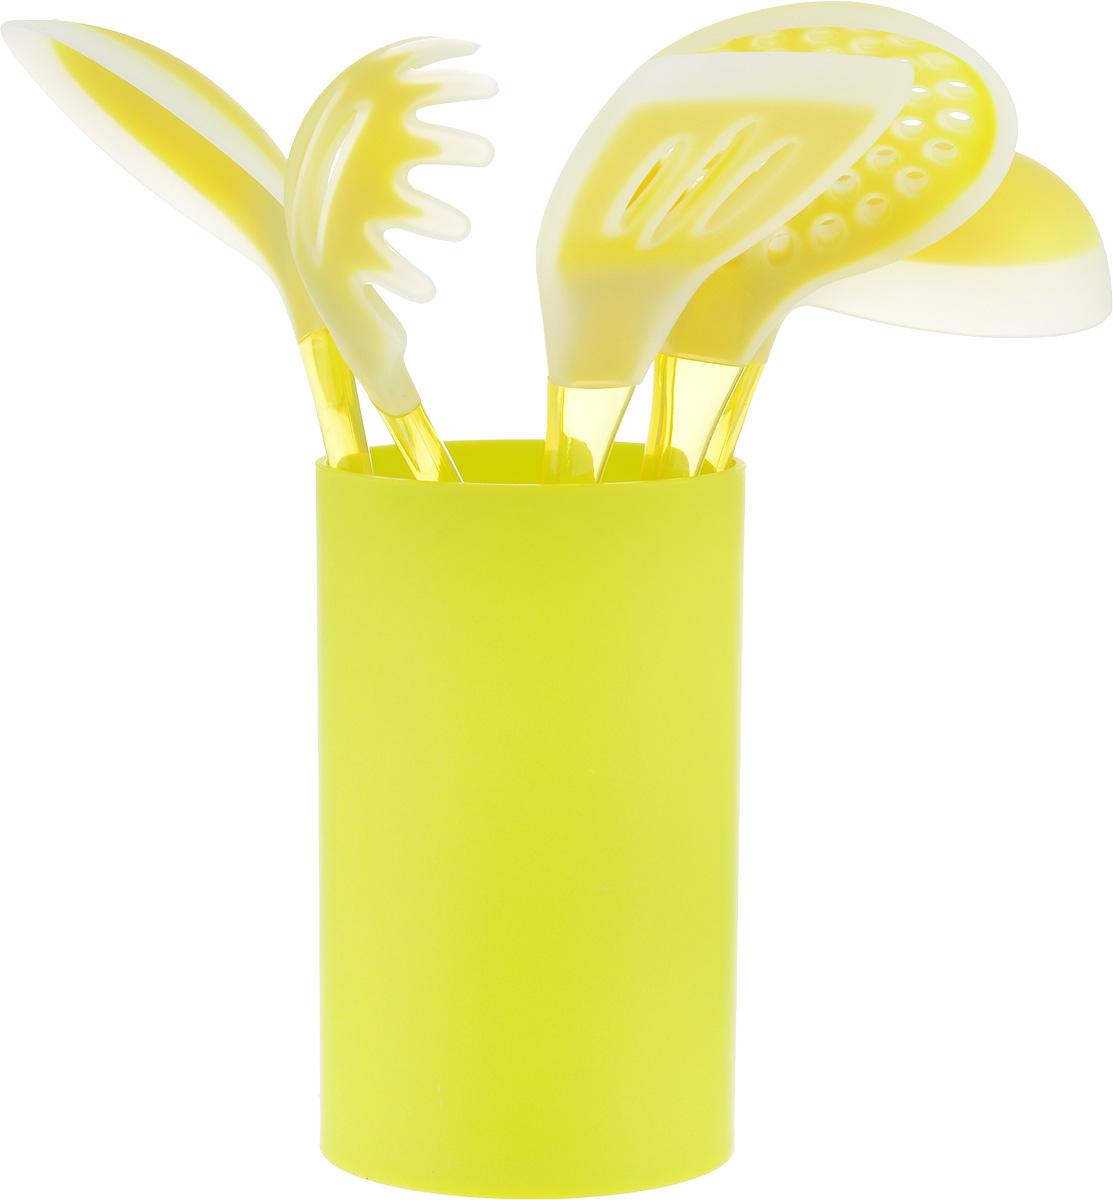 Набор кухонных принадлежностей Mayer & Boch, цвет: салатовый, 6 предметов22487_салатовыйНабор кухонных принадлежностей Mayer & Boch включает ложку для спагетти, лопатку с прорезями, ложку для помешивания, шумовку, половник и подставку. Приборы выполнены из пластика, рабочие поверхности предметов покрыты безопасным пищевым силиконом, что позволяет использовать их для посуды с антипригарным покрытием. Ручки приборов, изготовленные из полистирола, снабжены отверстиями для подвешивания. Для удобного хранения в наборе предусмотрена подставка с покрытием Soft-Touch. Этот профессиональный набор очень удобен в использовании. Наслаждайтесь приготовлением пищи с набором кухонных принадлежностей Mayer & Boch. Длина ложки для спагетти: 31 см. Диаметр рабочей поверхности ложки для спагетти: 7,5 см. Длина шумовки: 34 см. Диаметр рабочей поверхности шумовки: 10,5 см. Длина ложки: 33 см. Размер рабочей поверхности ложки: 6,5 х 11 см. Длина лопатки: 33,5 см. Размер рабочей поверхности лопатки:...